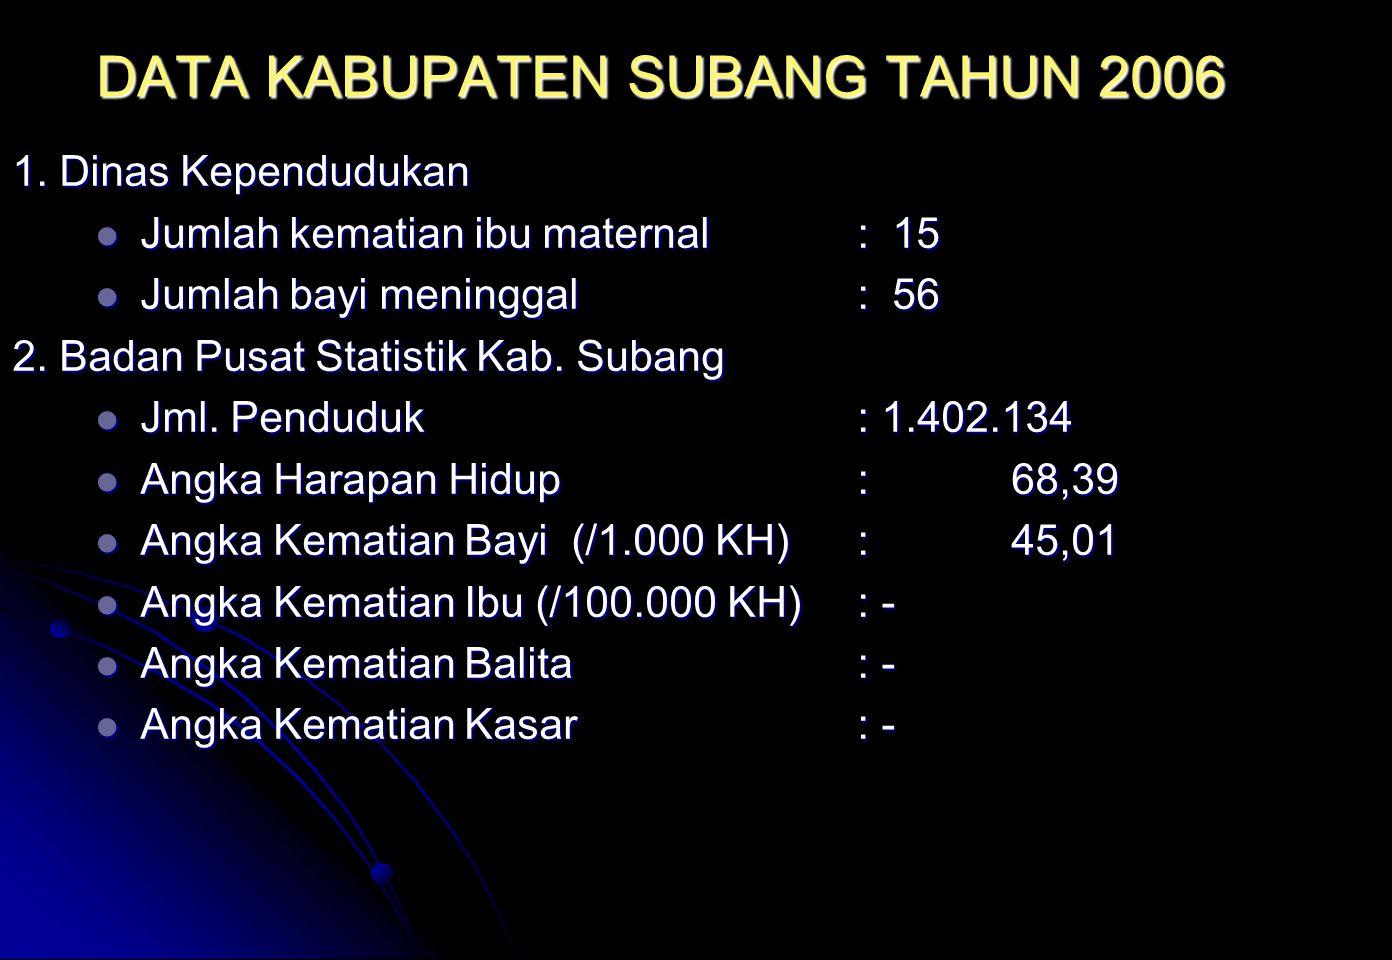 DATA KABUPATEN SUBANG TAHUN 2006